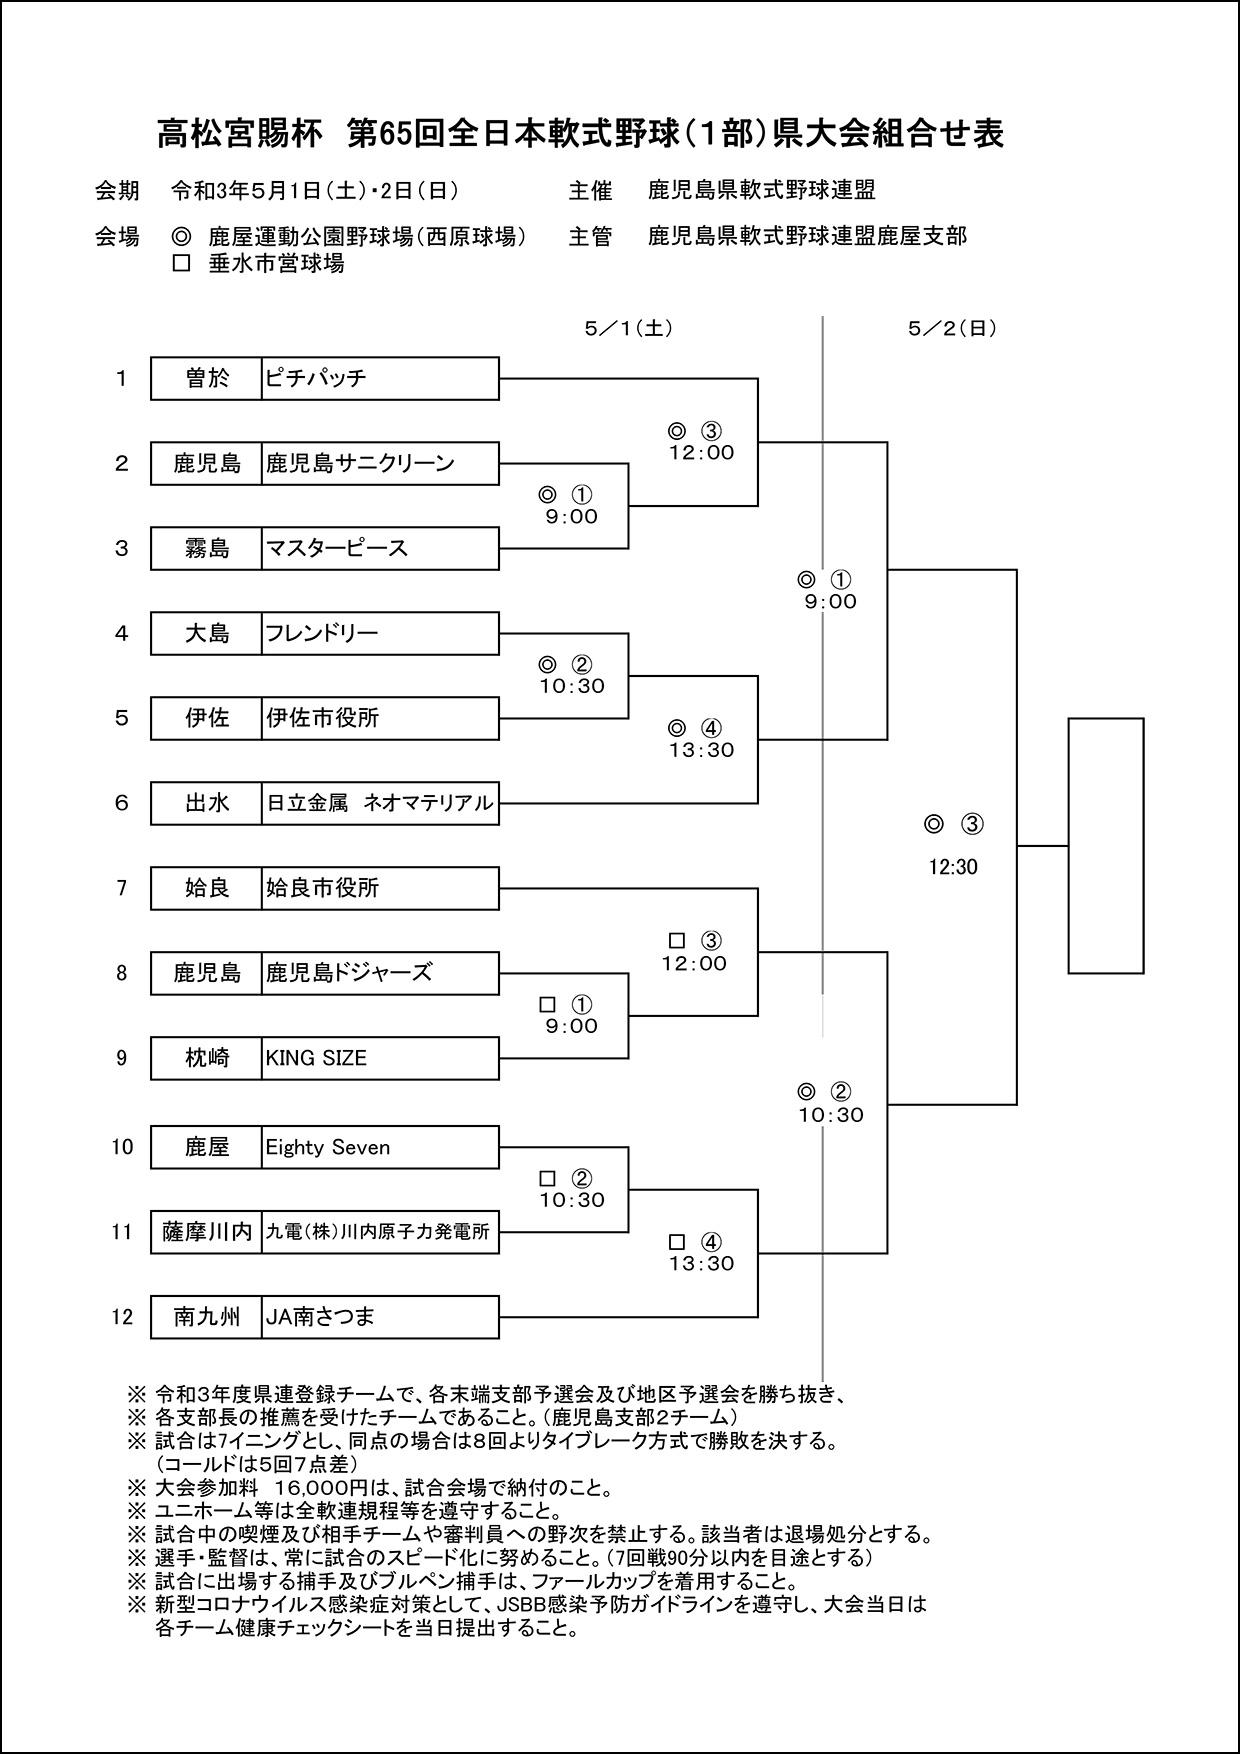 【組合せ】高松宮賜杯第65回全日本軟式野球(1部)県大会